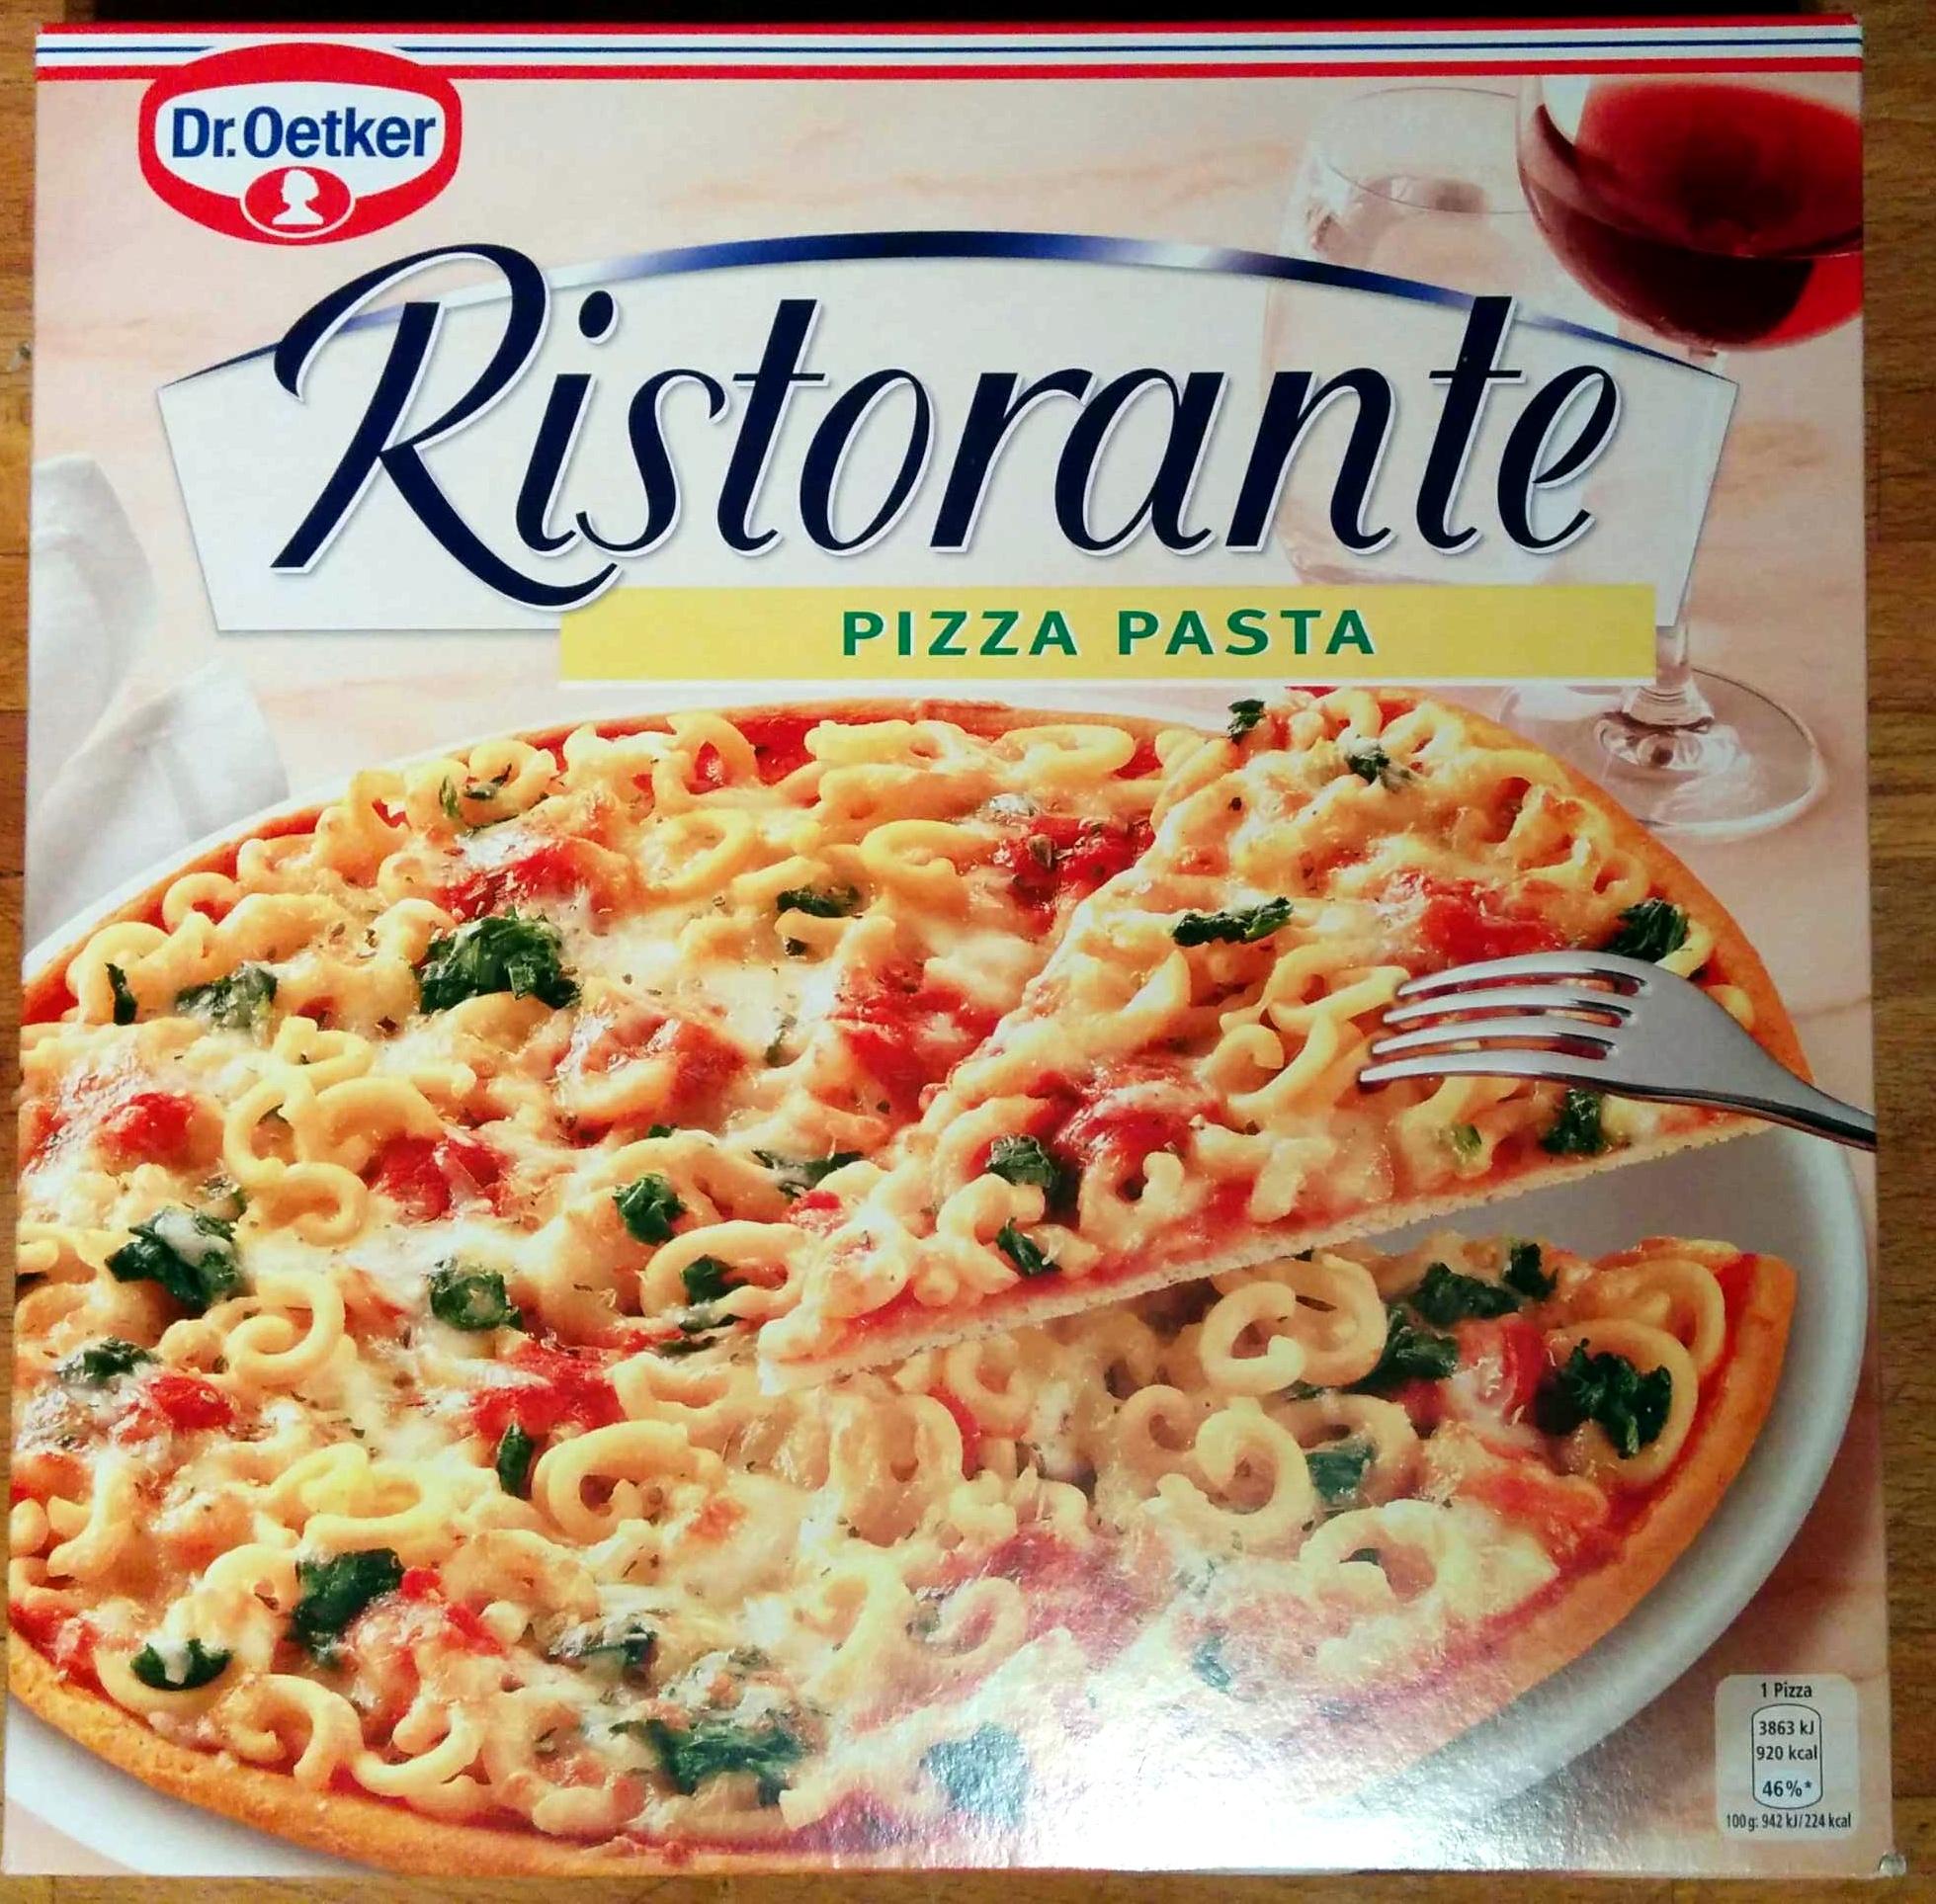 Ristorante Pizza Pasta - Product